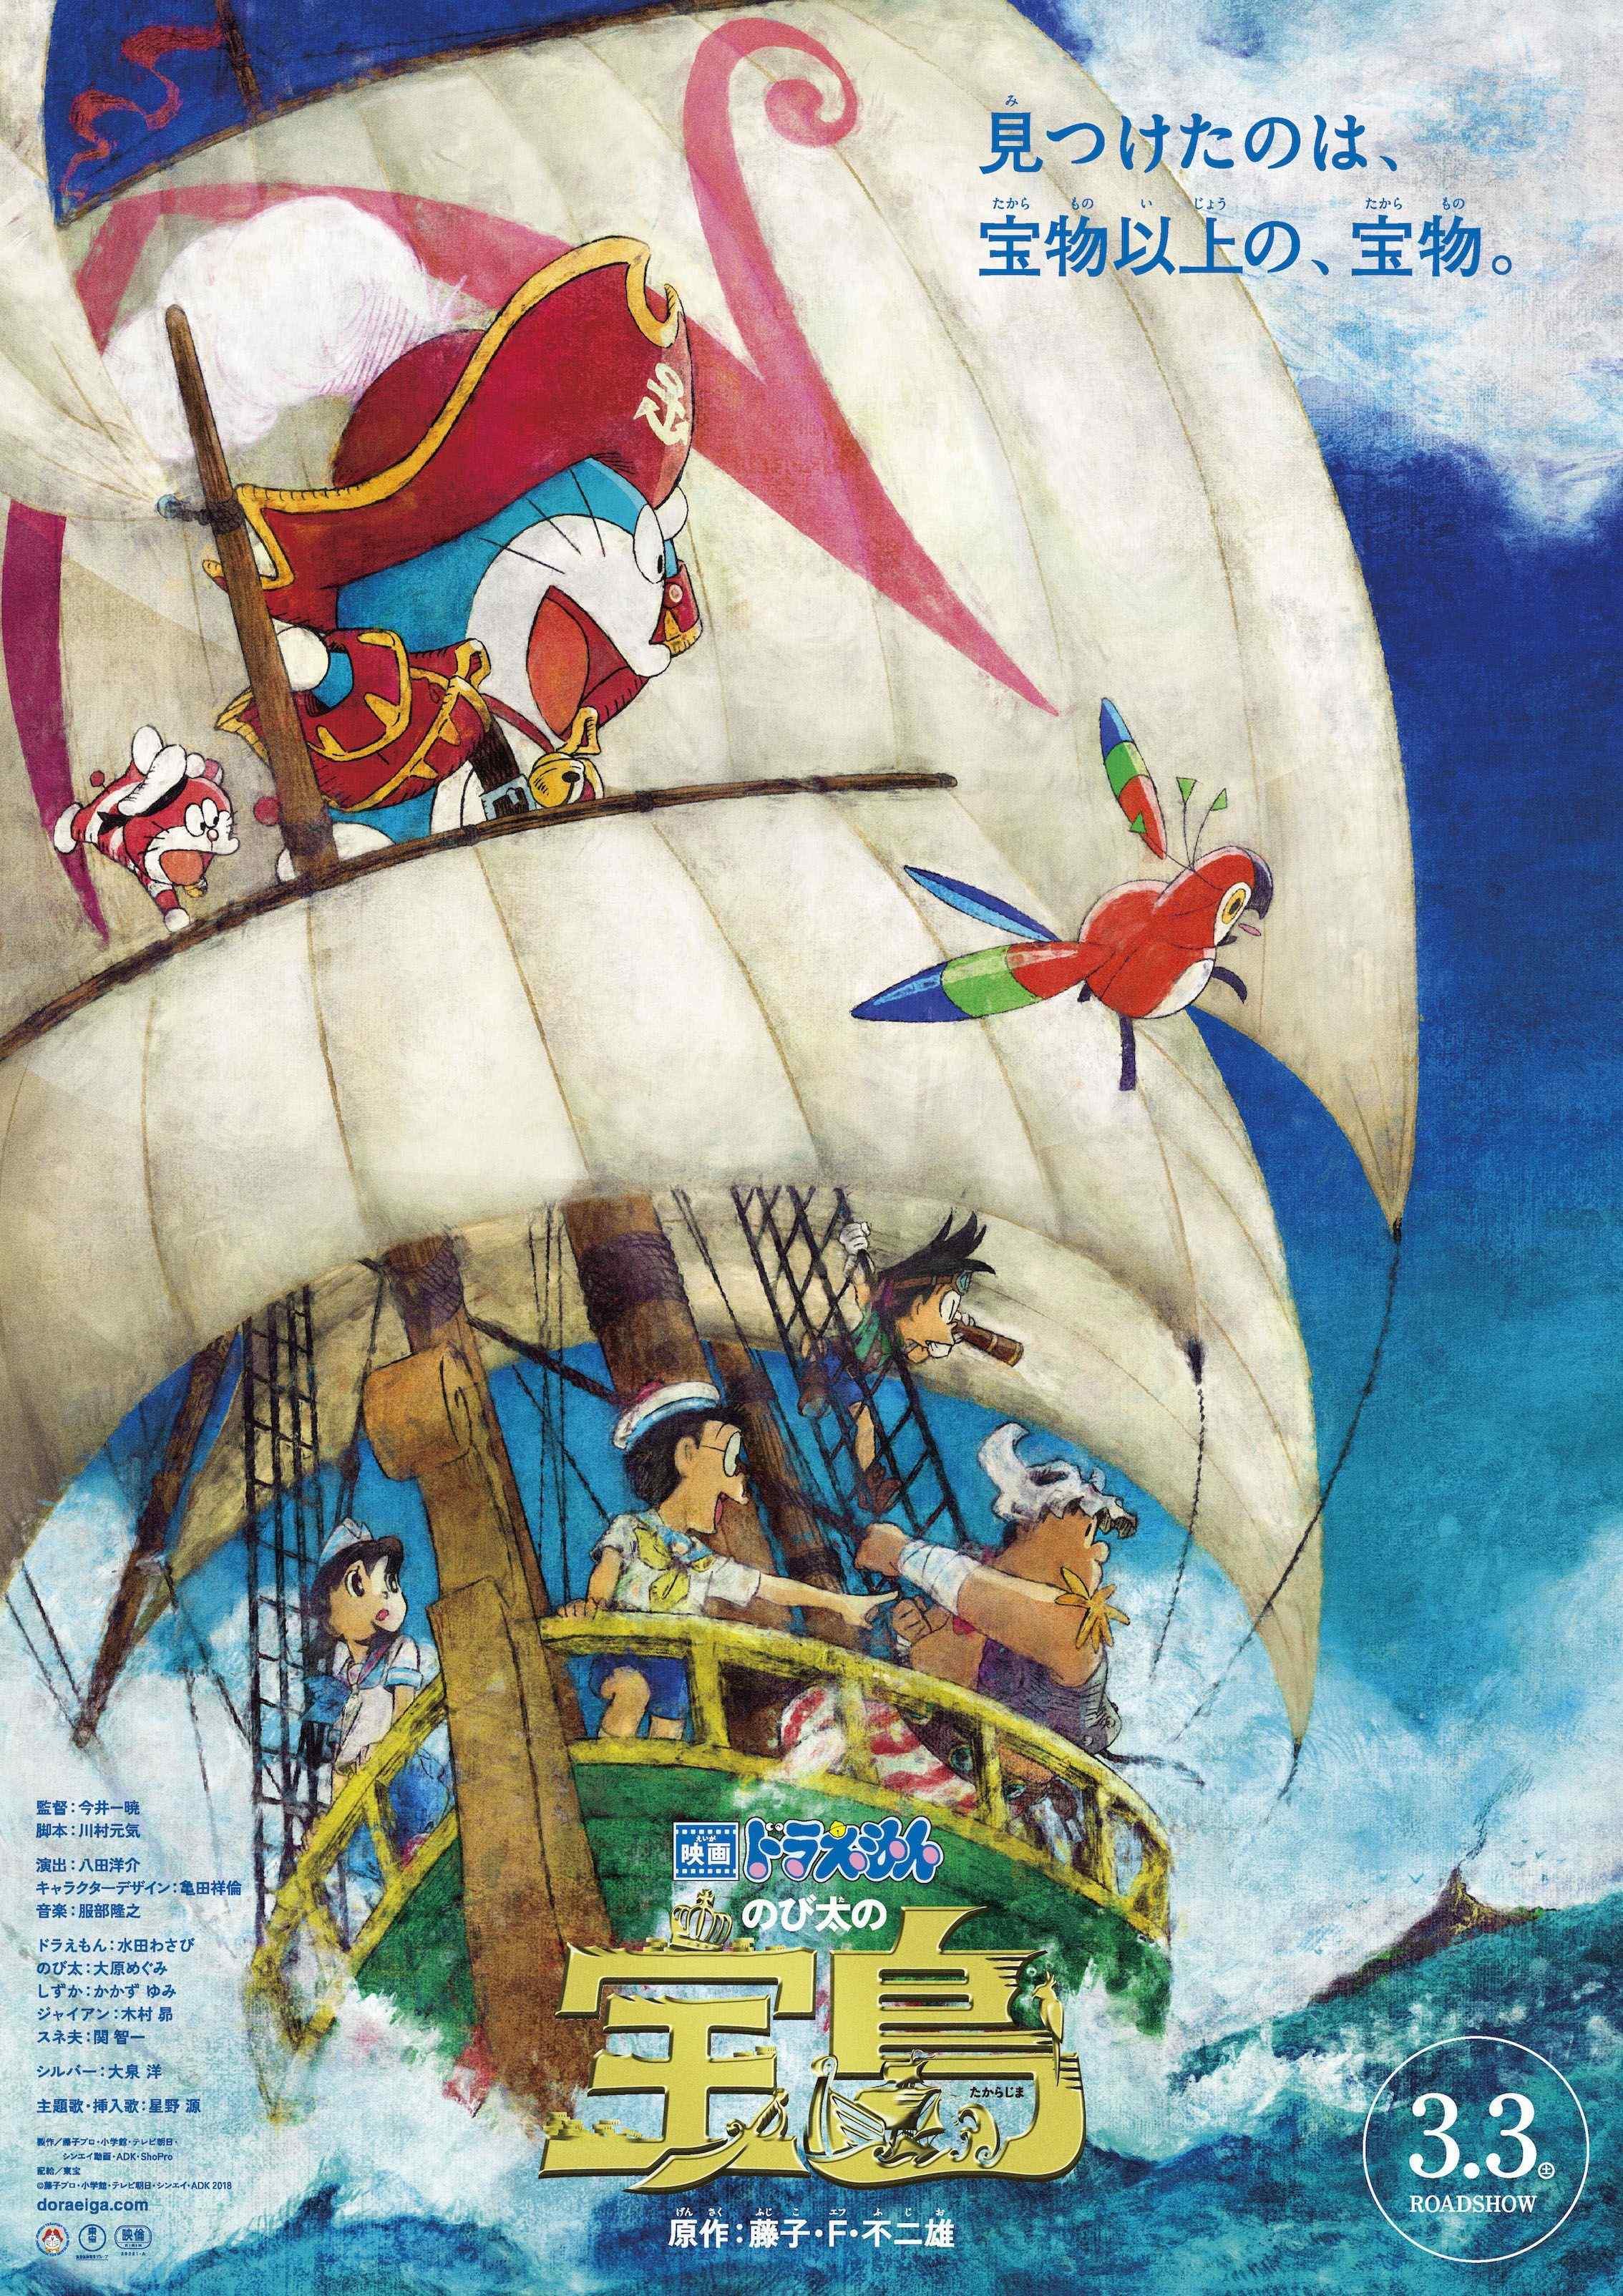 哆啦A梦:大雄的金银岛日版海报